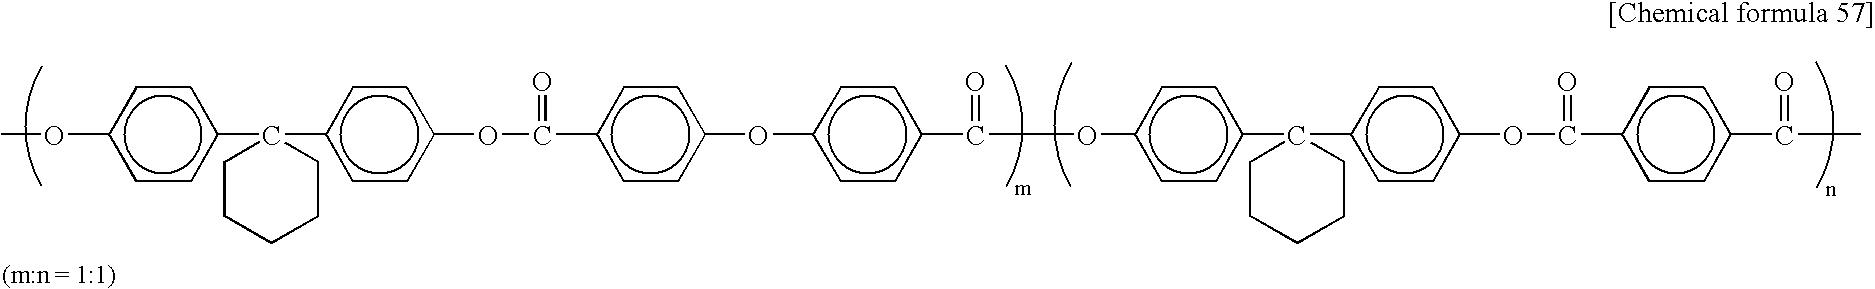 Figure US07604913-20091020-C00049